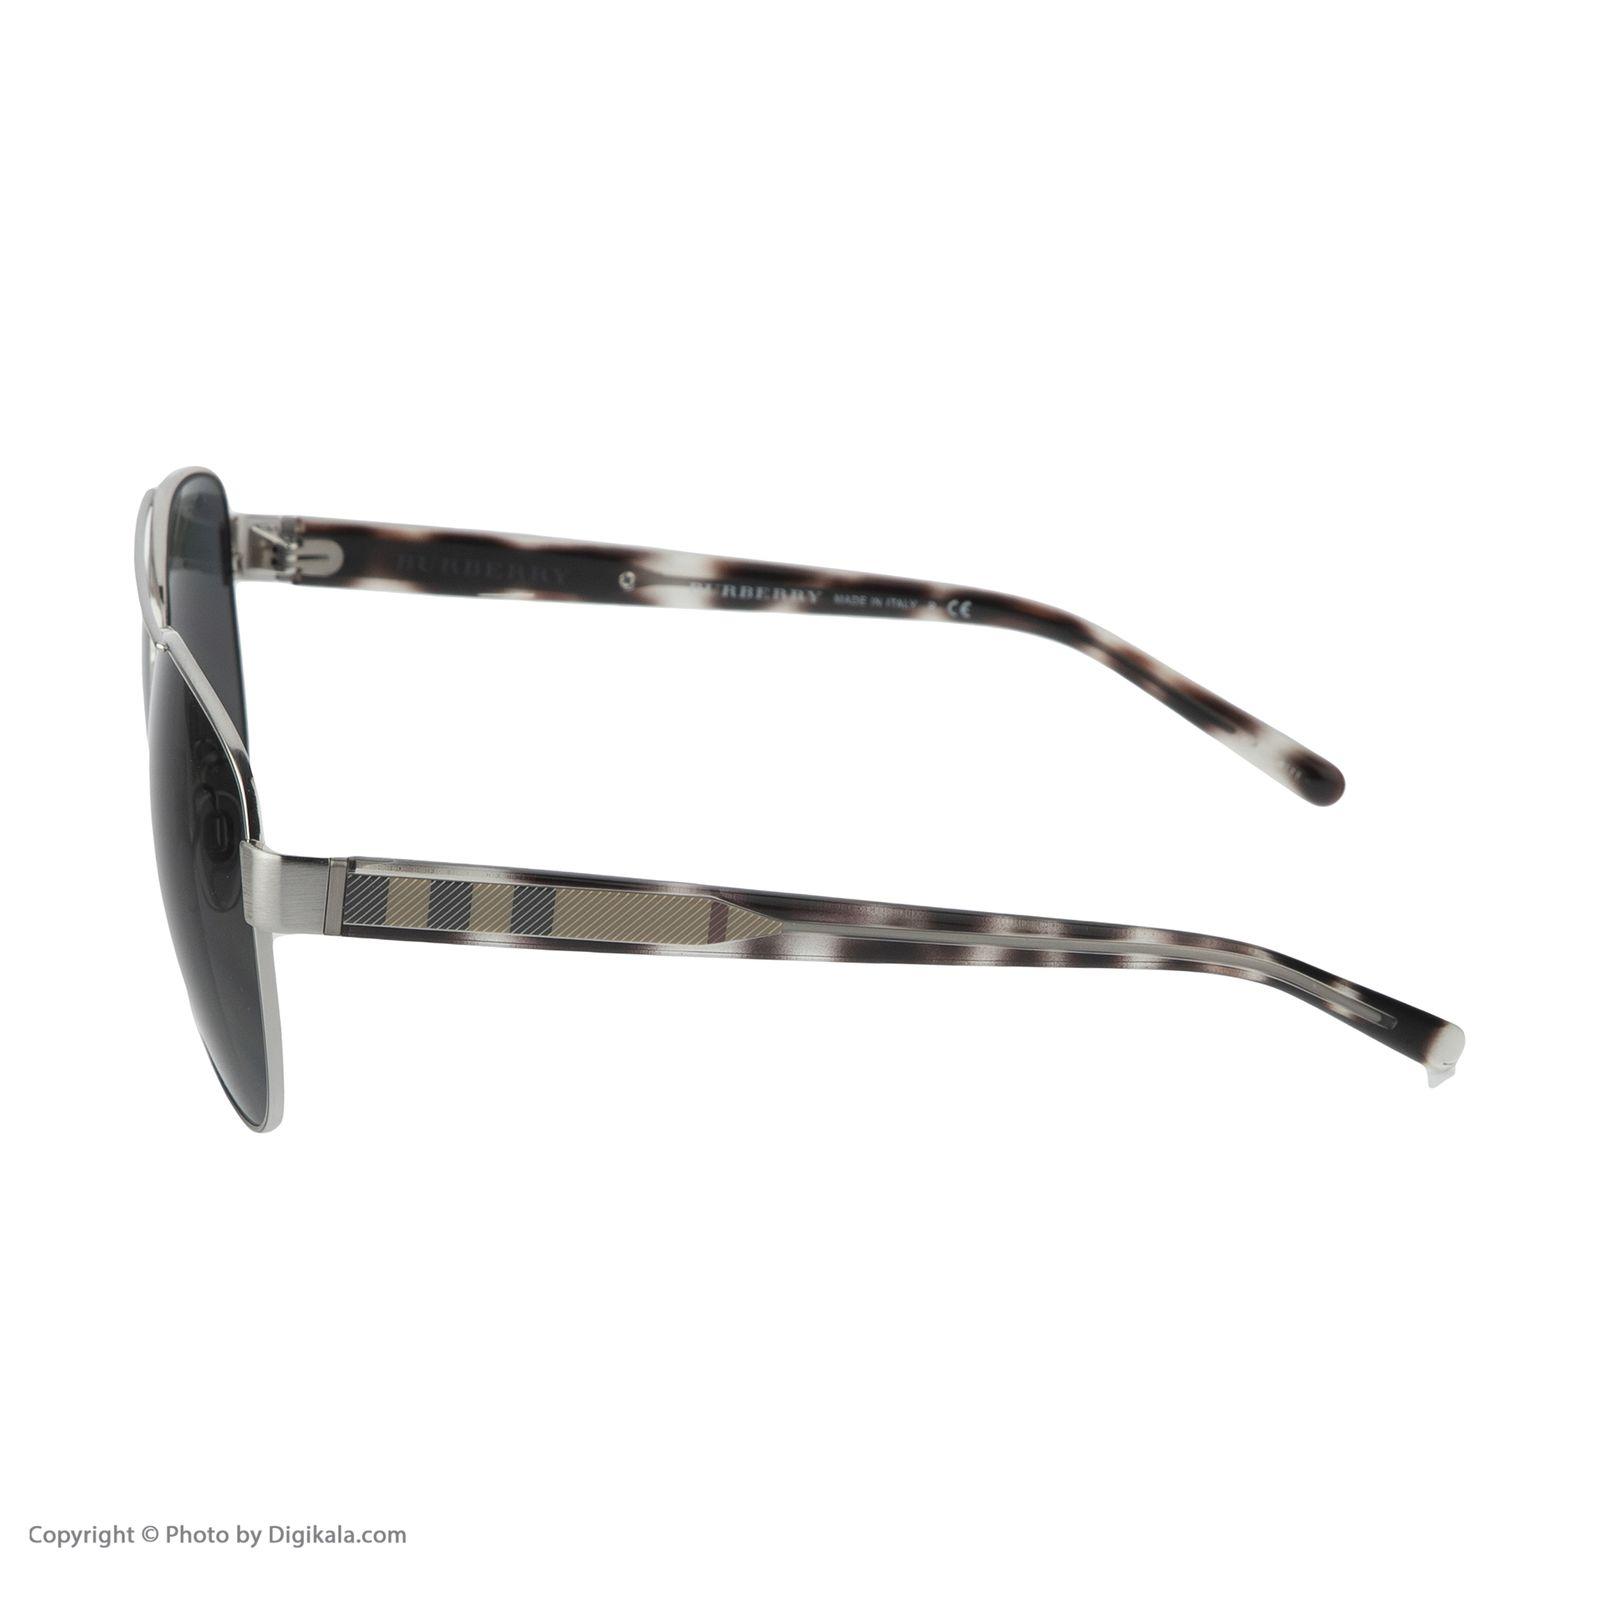 عینک آفتابی زنانه بربری مدل BE 3084S 122987 60 -  - 6